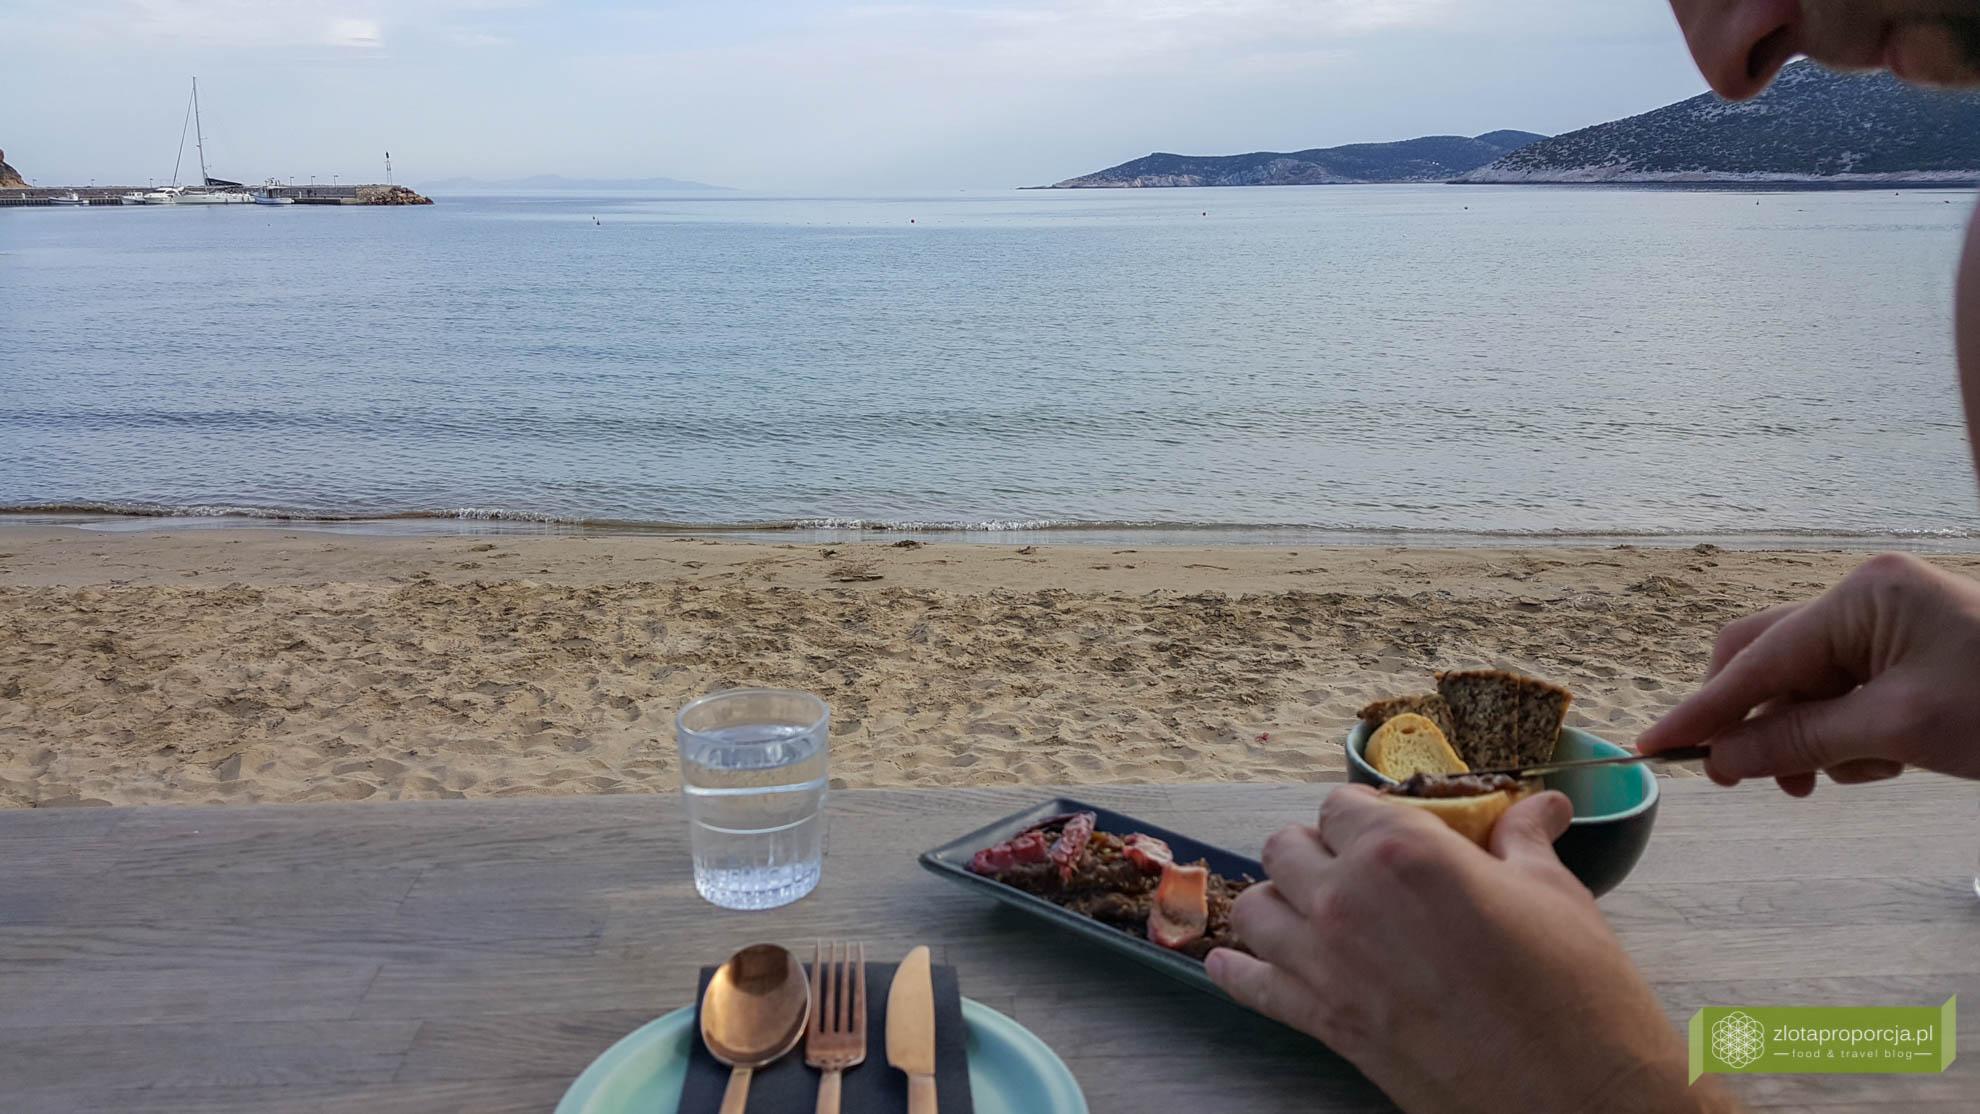 Sifnos, Cyklady, Grecja, Greckie wyspy; Wyspa Sifnos; Cyklady ciekawe miejsca; Platis Gialos, plaża Sifnos, plaża Platis Gialos;